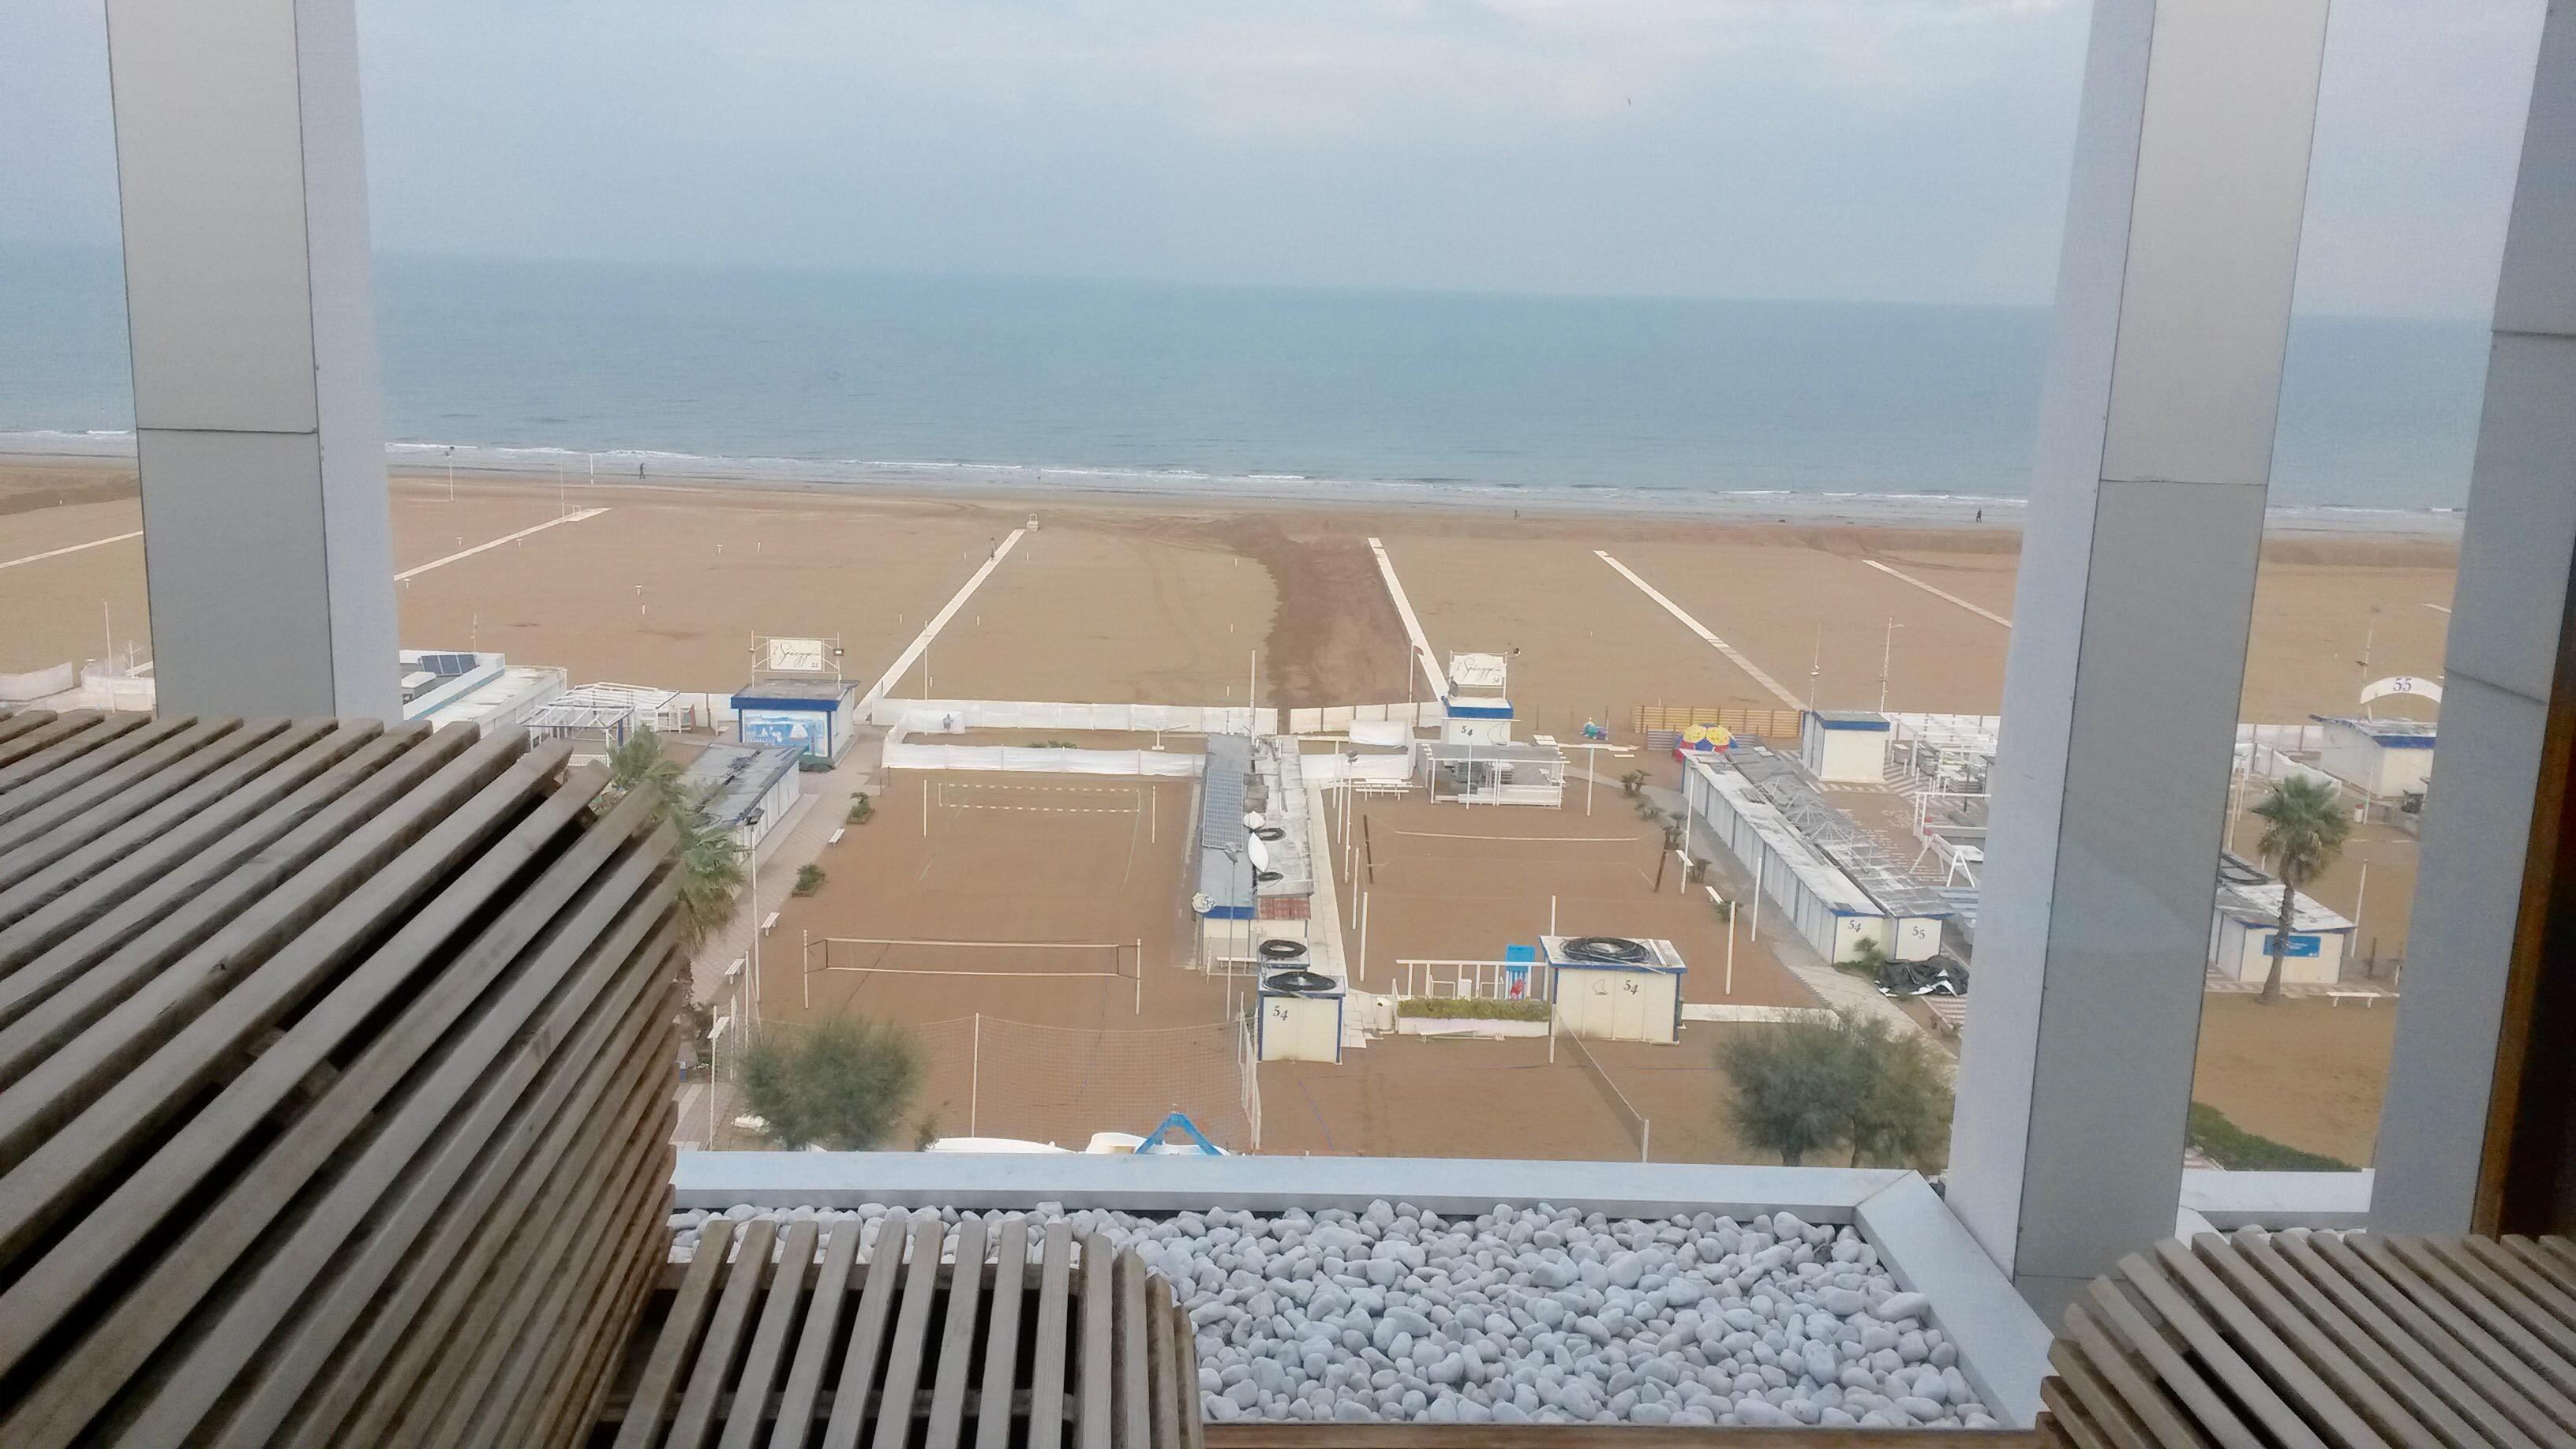 Ayurveda, tisane e piscine calde. Così si guarisce dall'inverno a Rimini